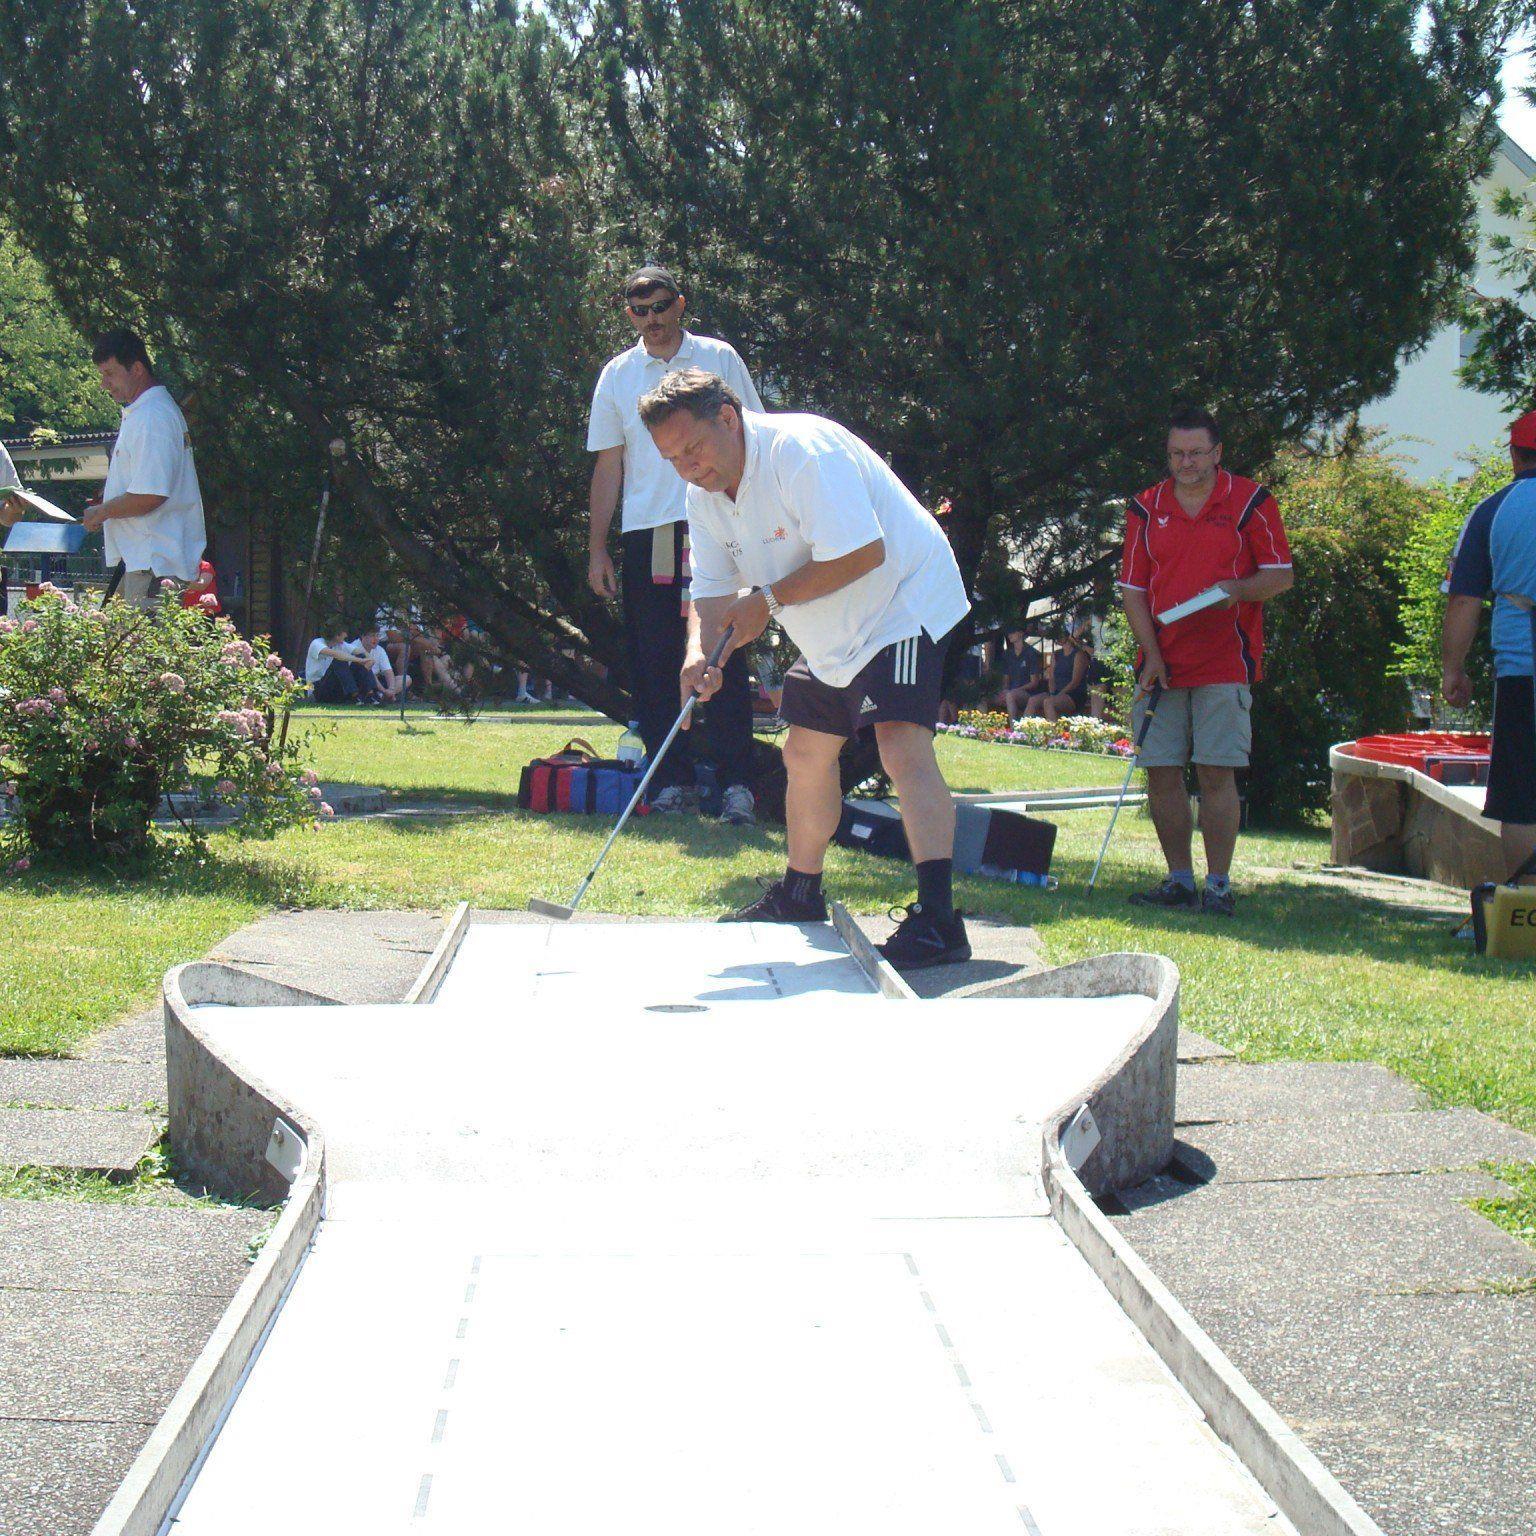 Ferdl Jagschitz siegte beim Heimturnier in Klaus.